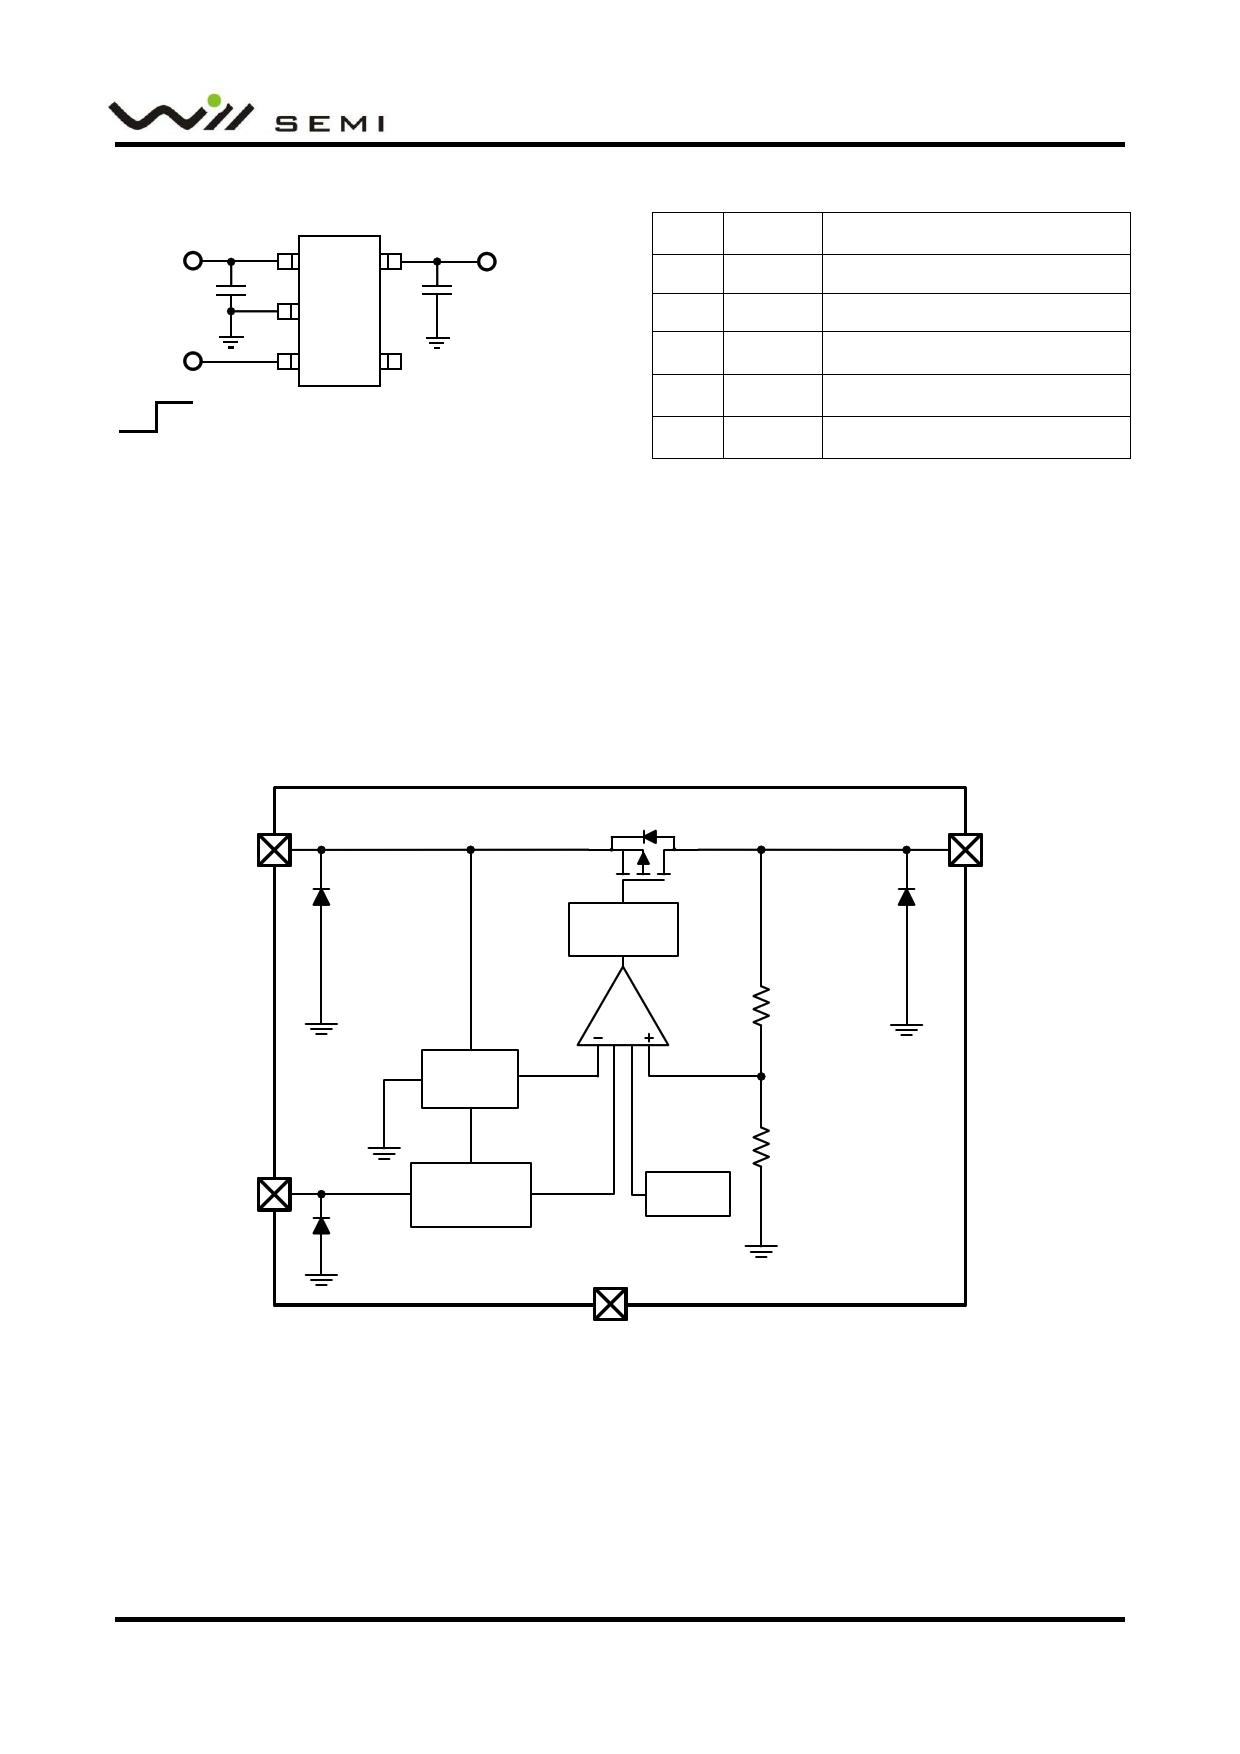 WL2803E pdf, schematic